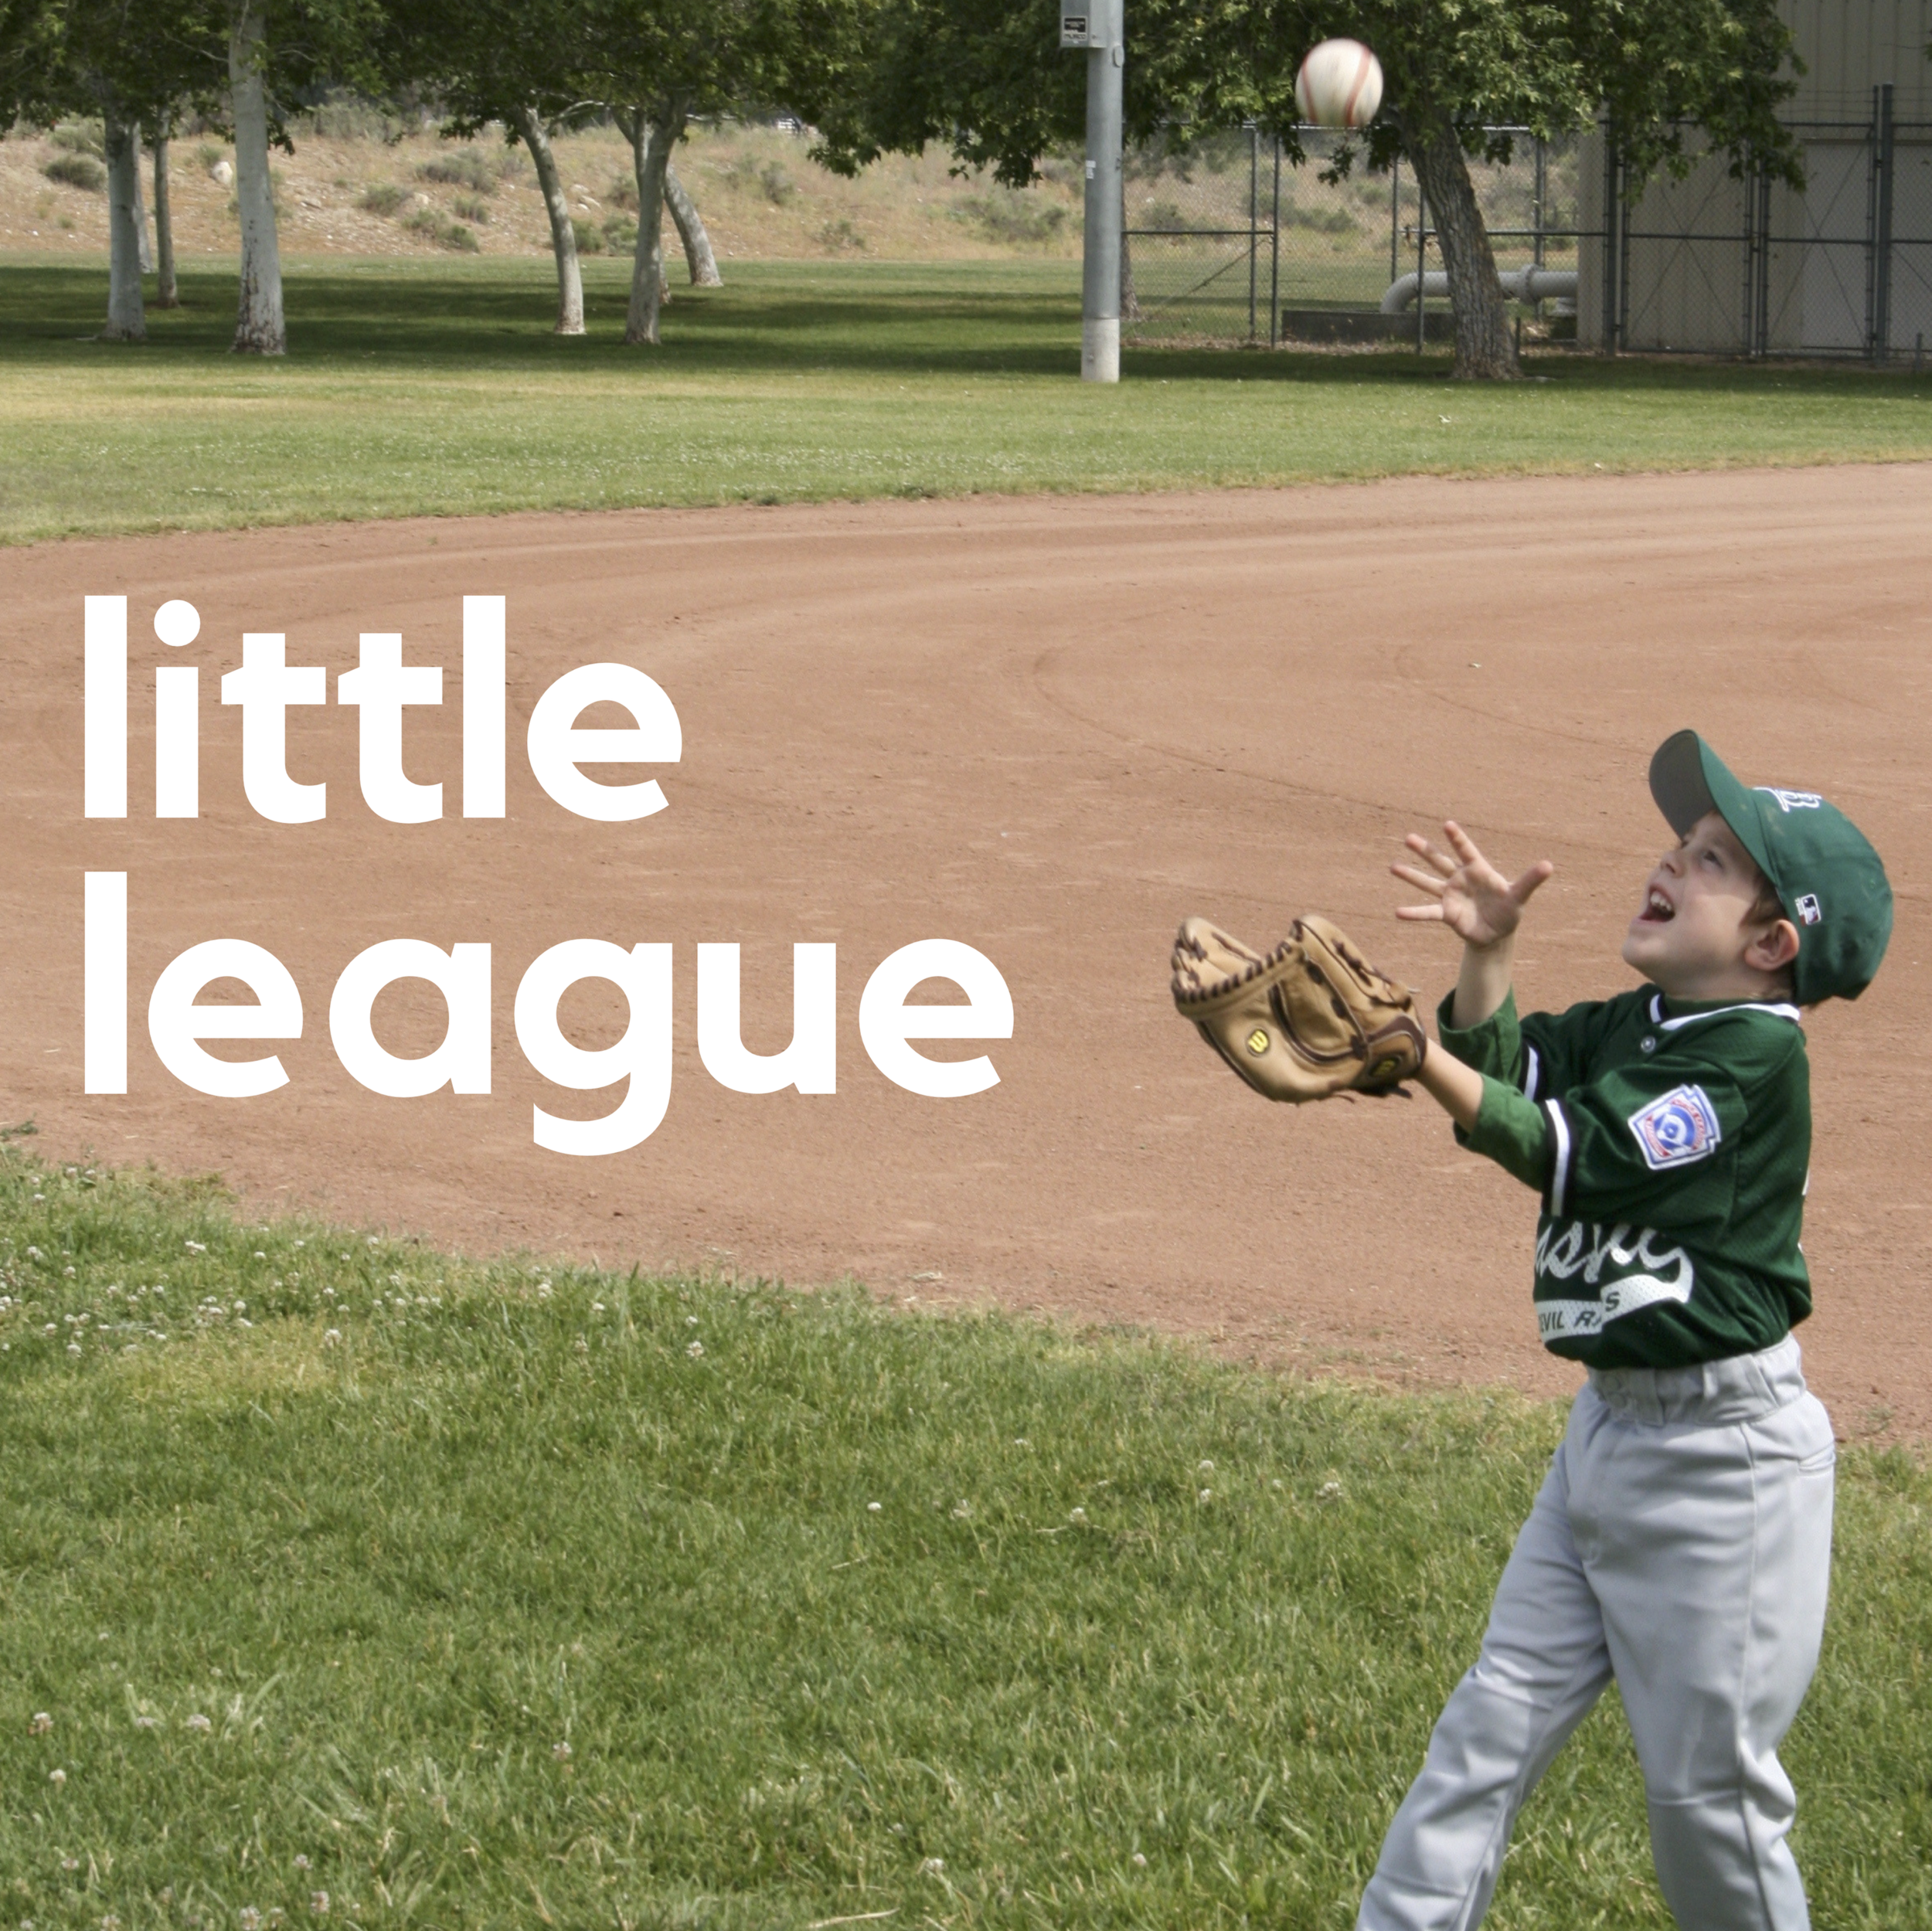 little league profile pic-2.png